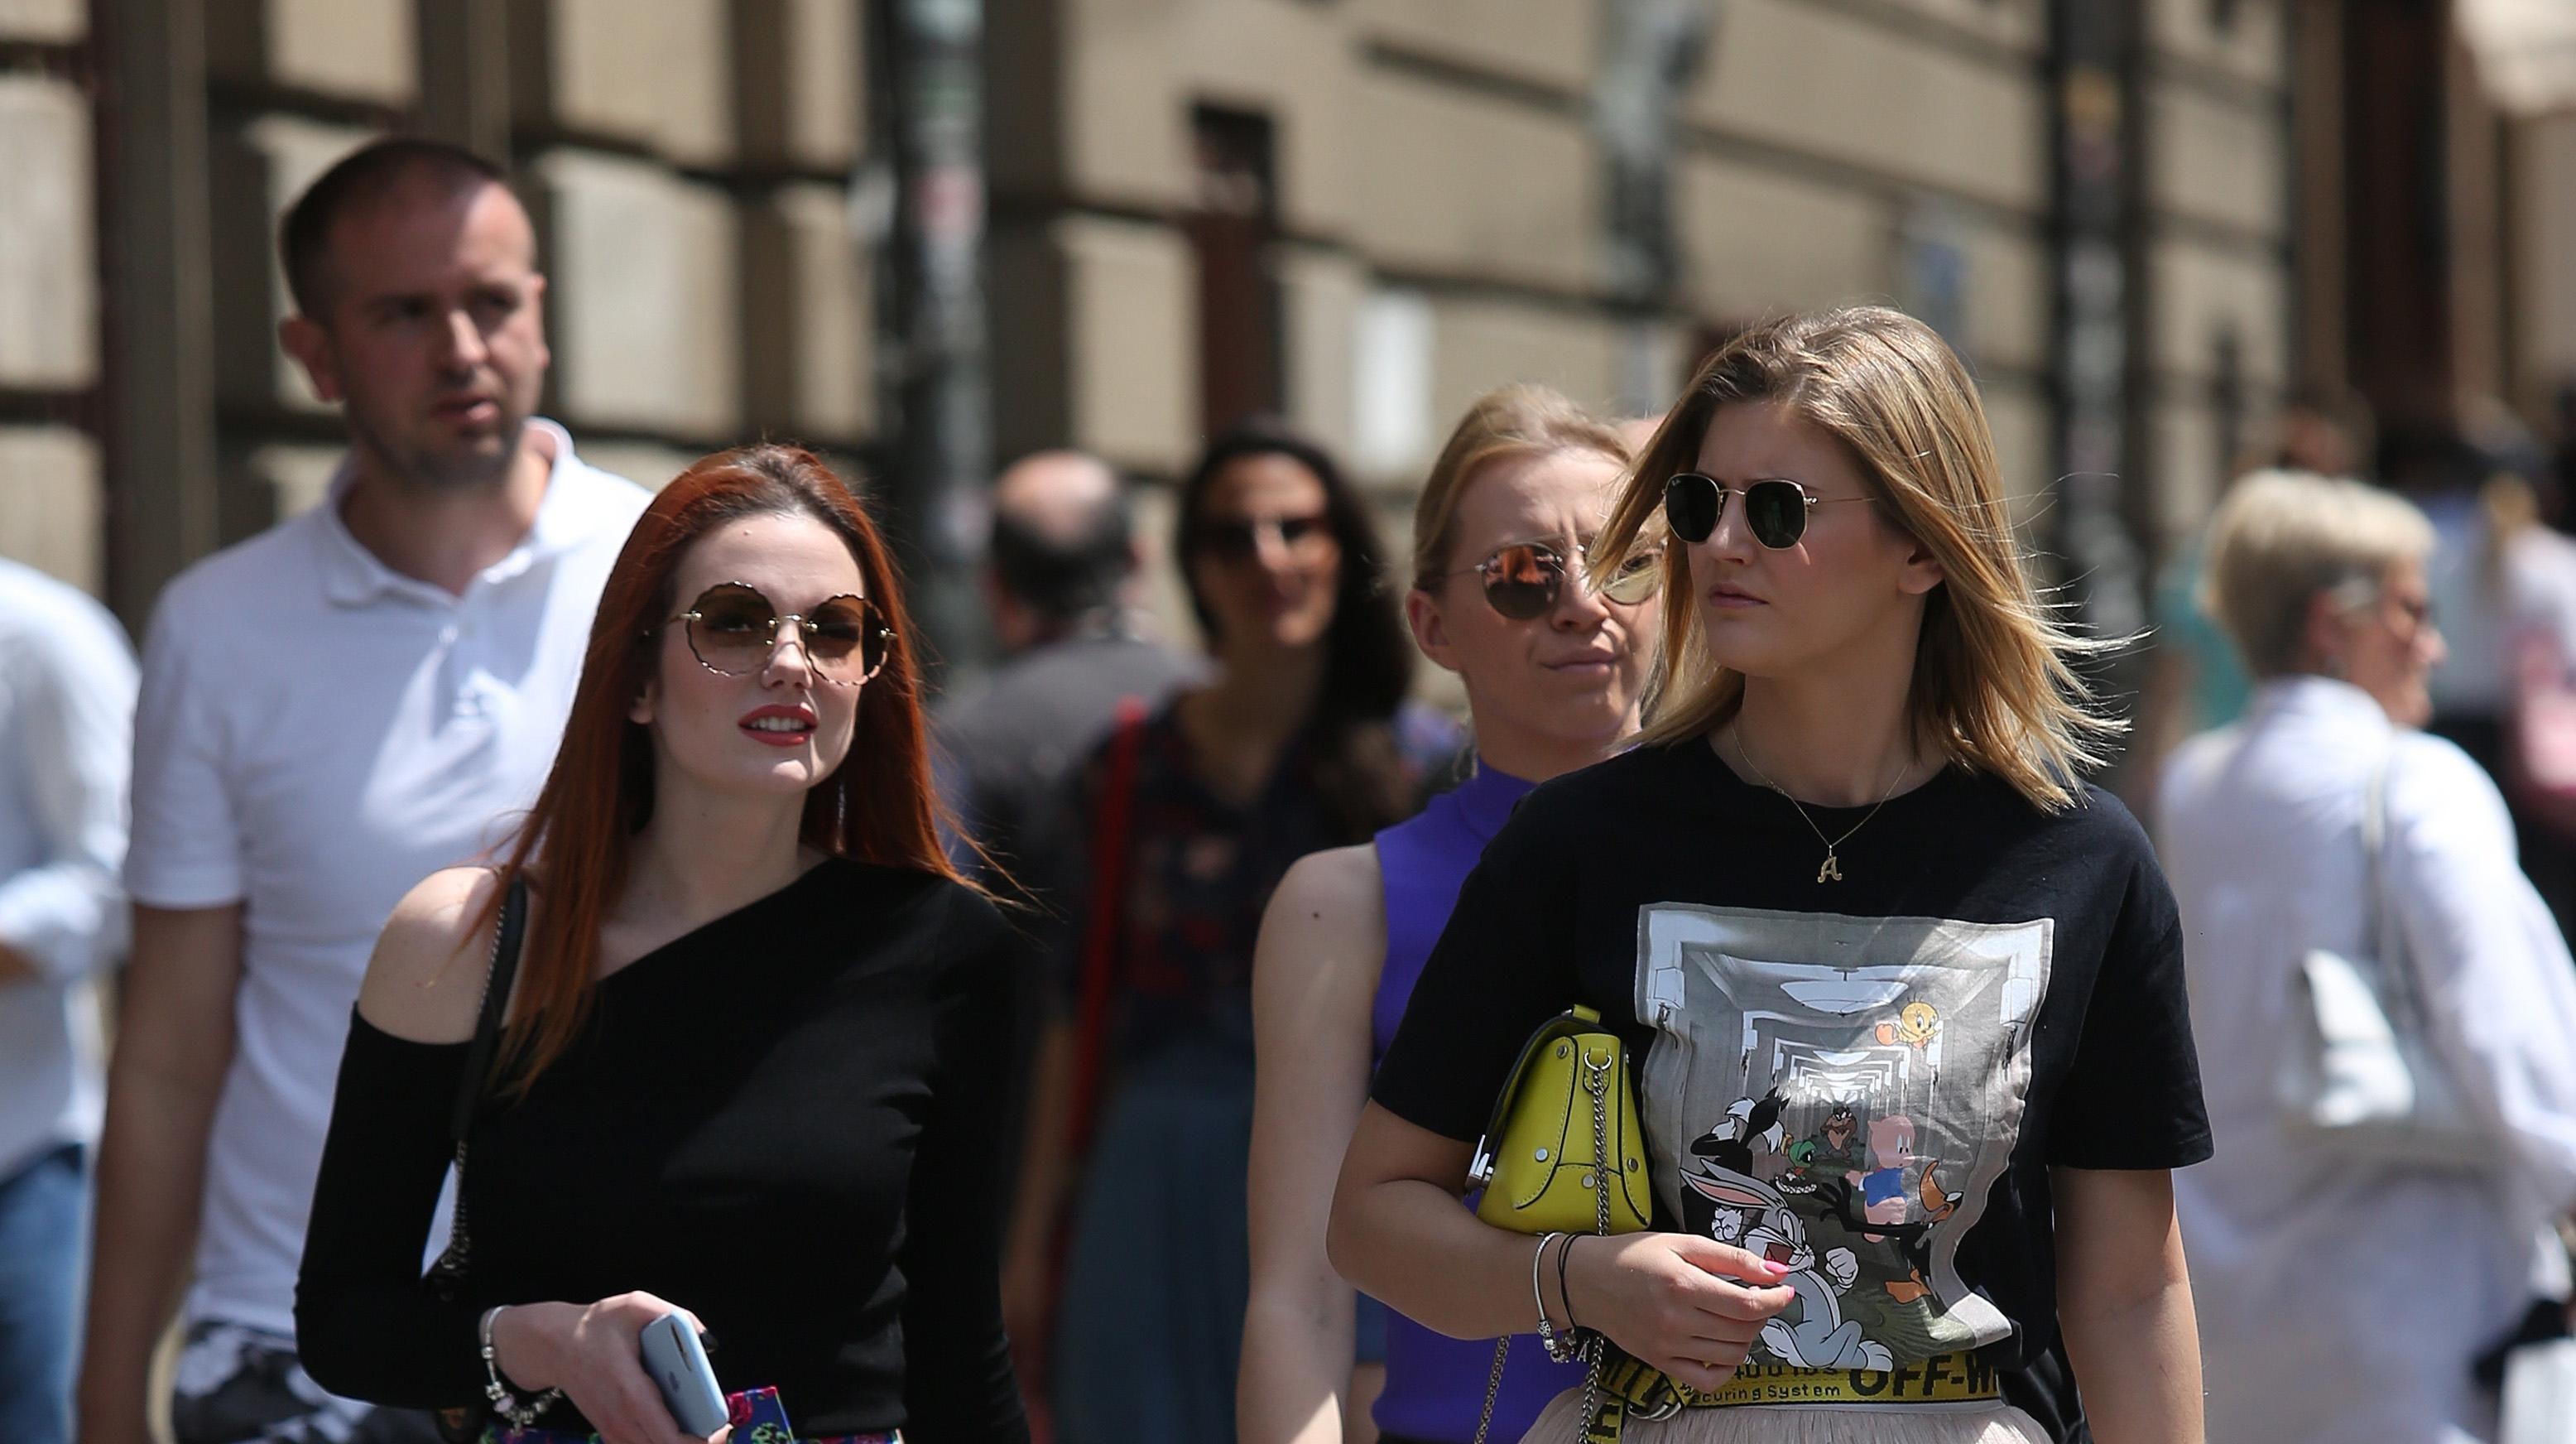 Suknje ove dvije prijateljice iz centra Zagreba skroz su ukrale show na špici!